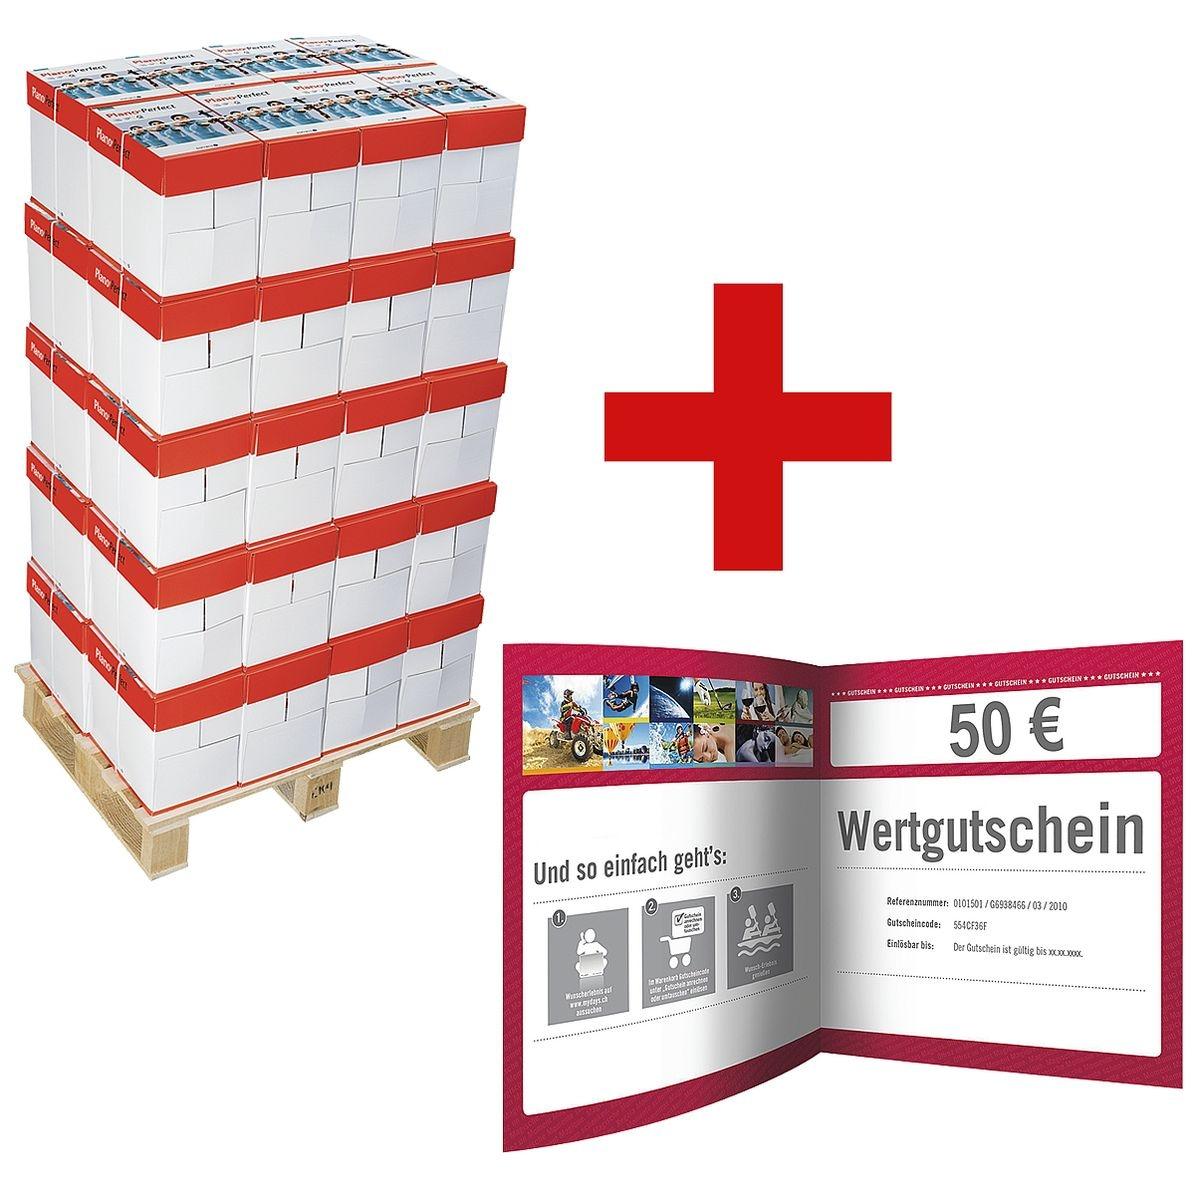 200x Multifunktionales Druckerpapier A4 Plano Perfect - 100000 Blatt gesamt inkl. 50€ MyDays-Gutschein